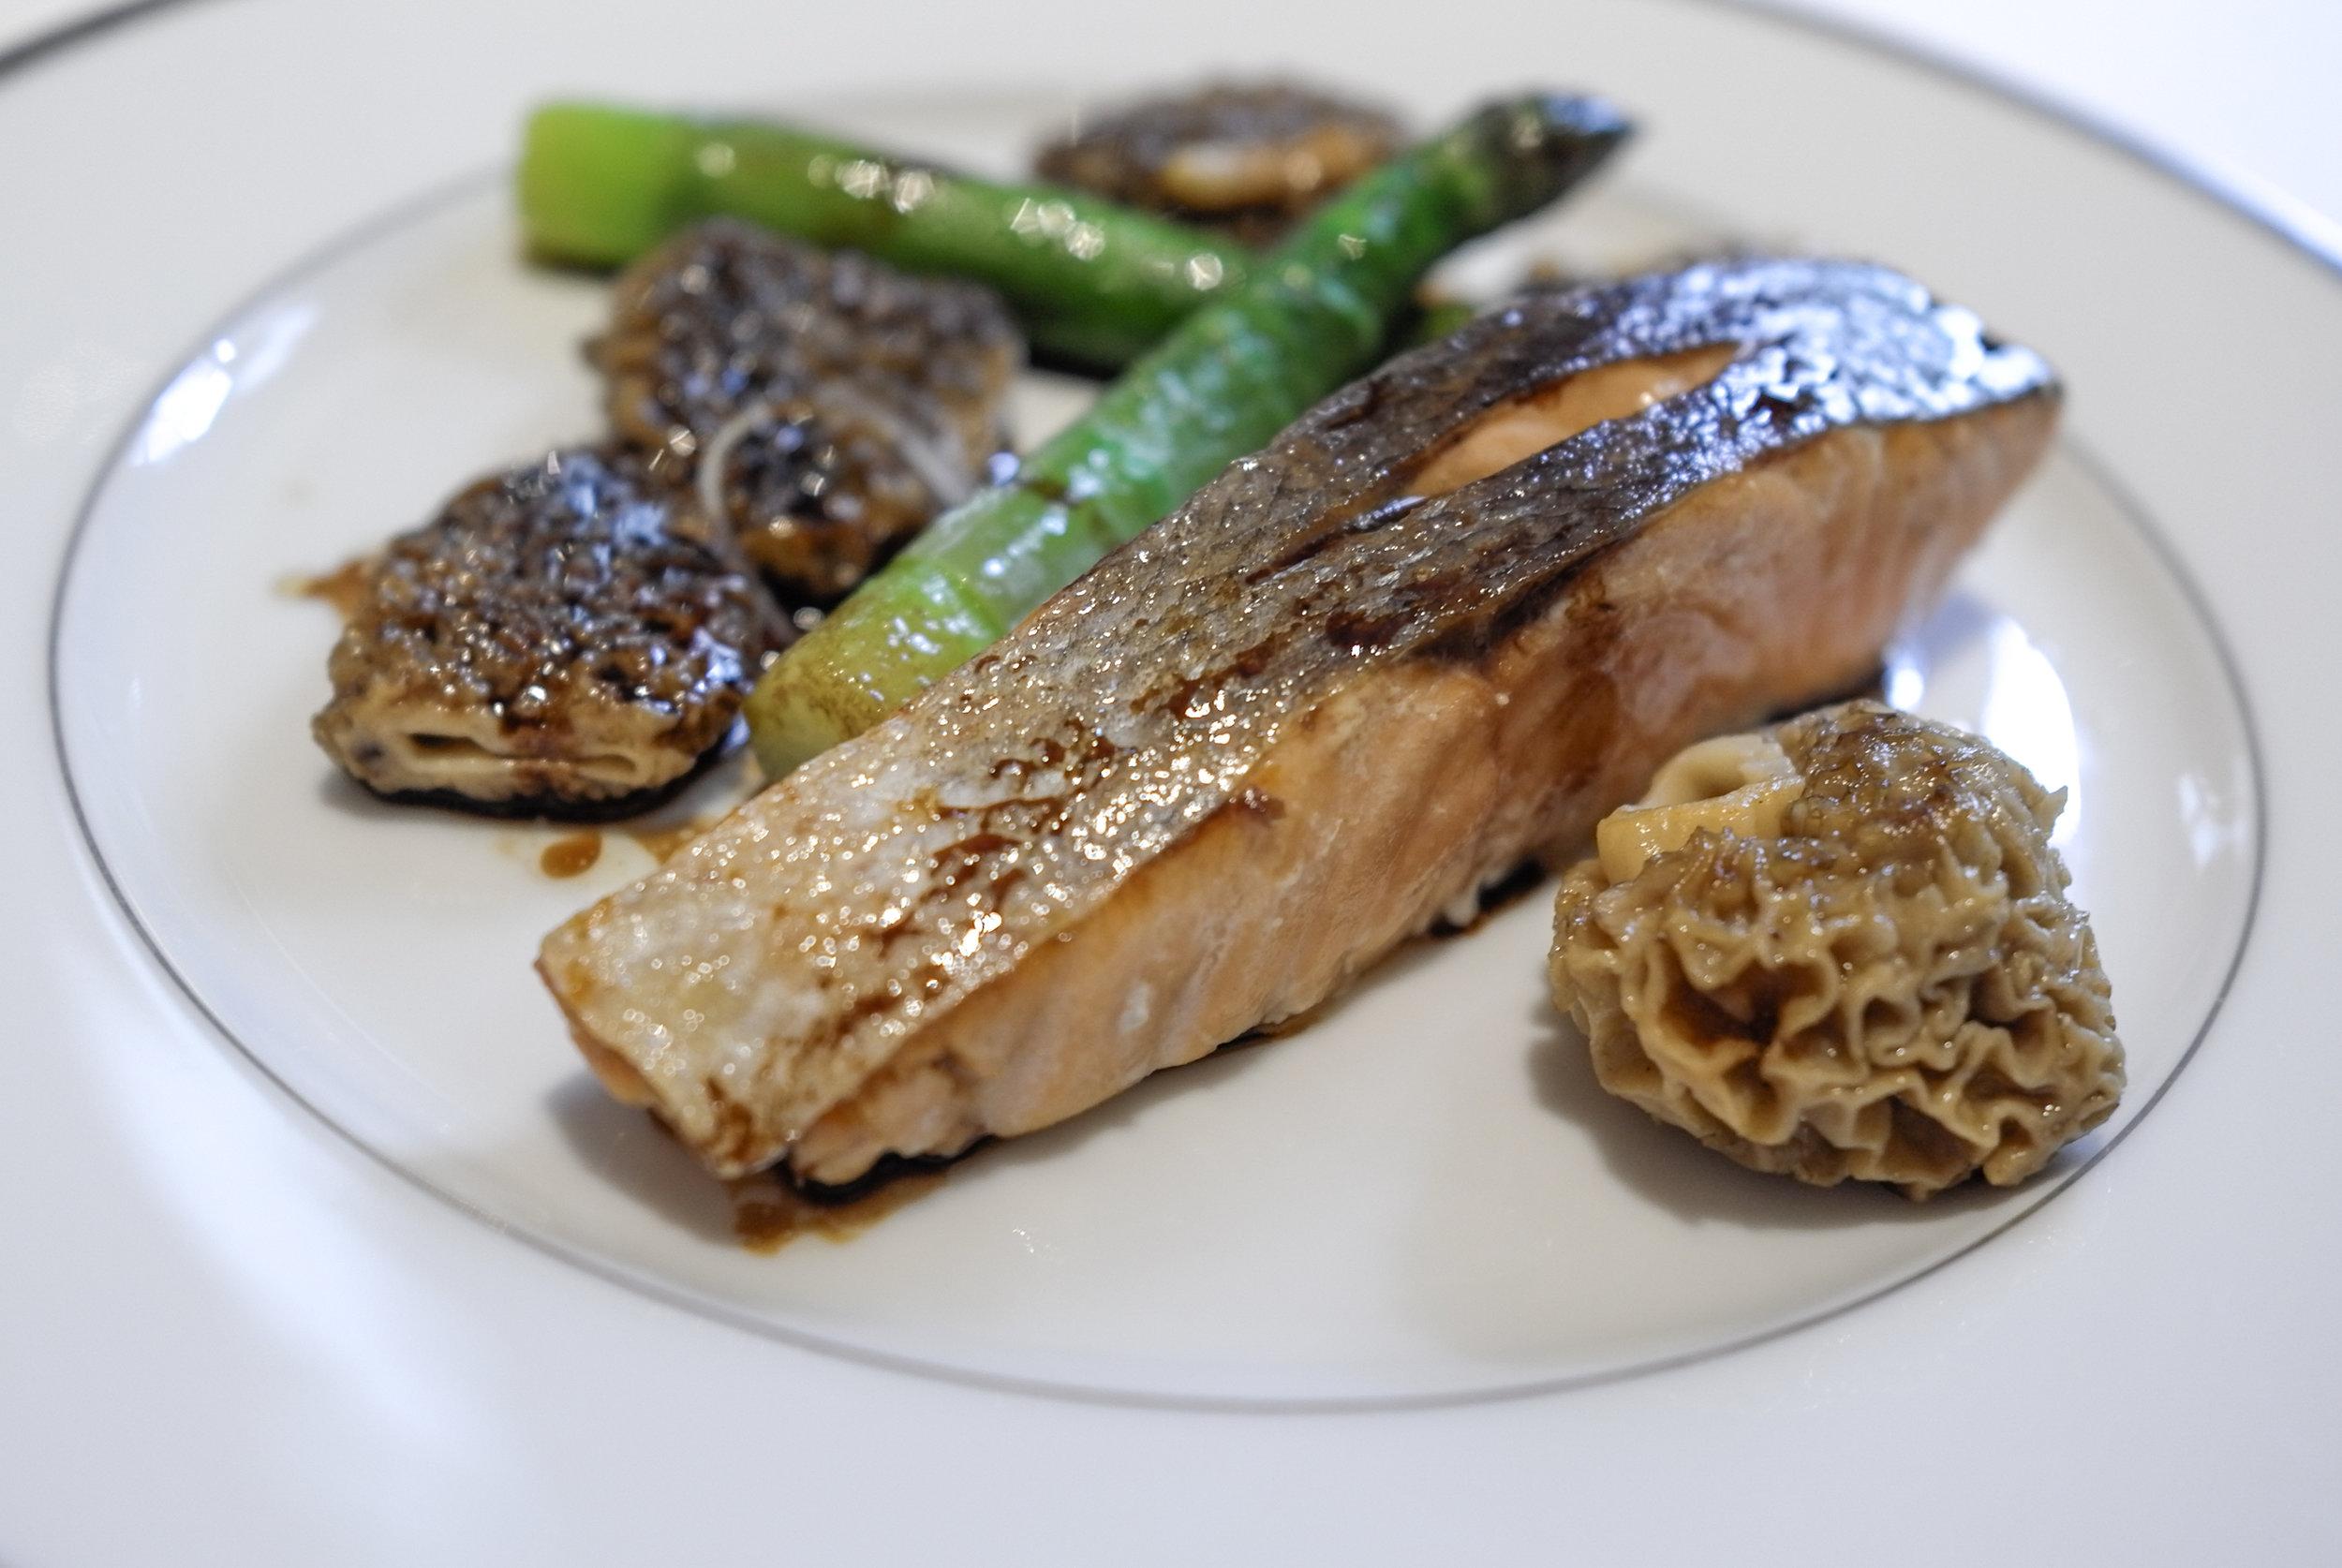 Somon balığı, kuşkonmaz ve morel mantarları